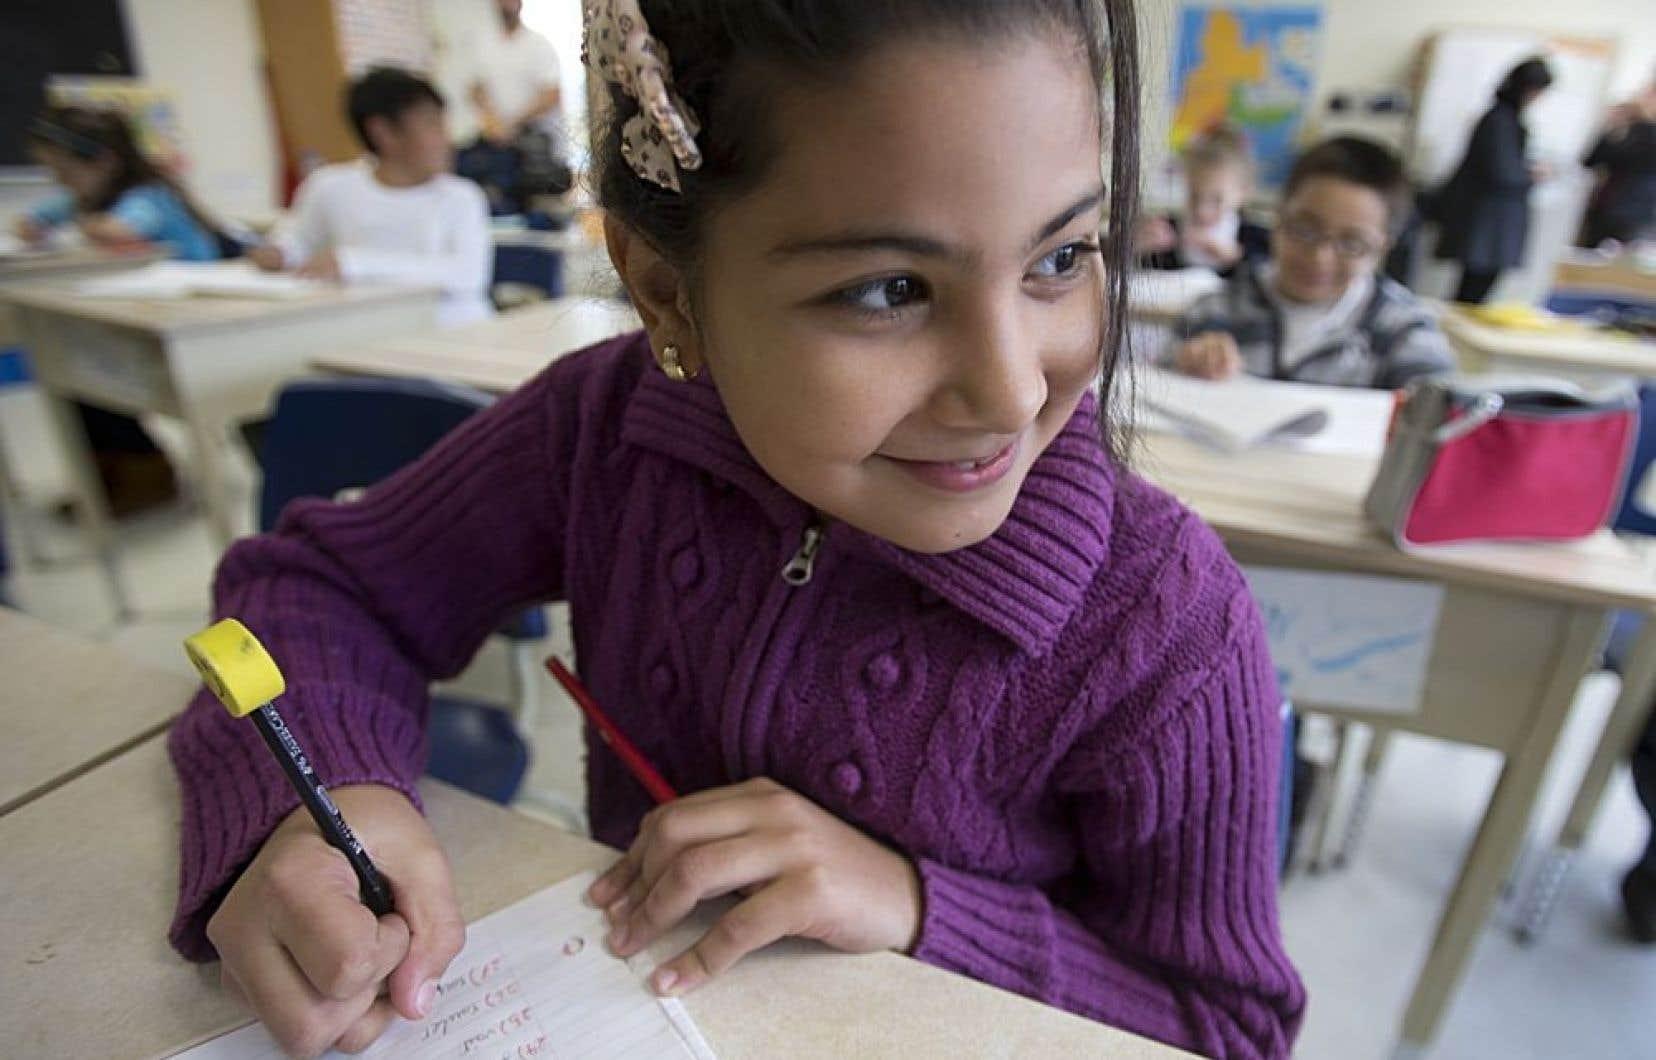 La ministre de l'Éducation, Marie Malavoy, a annoncé jeudi qu'elle levait l'obligation qui était faite aux écoles primaires francophones d'offrir l'anglais intensif.